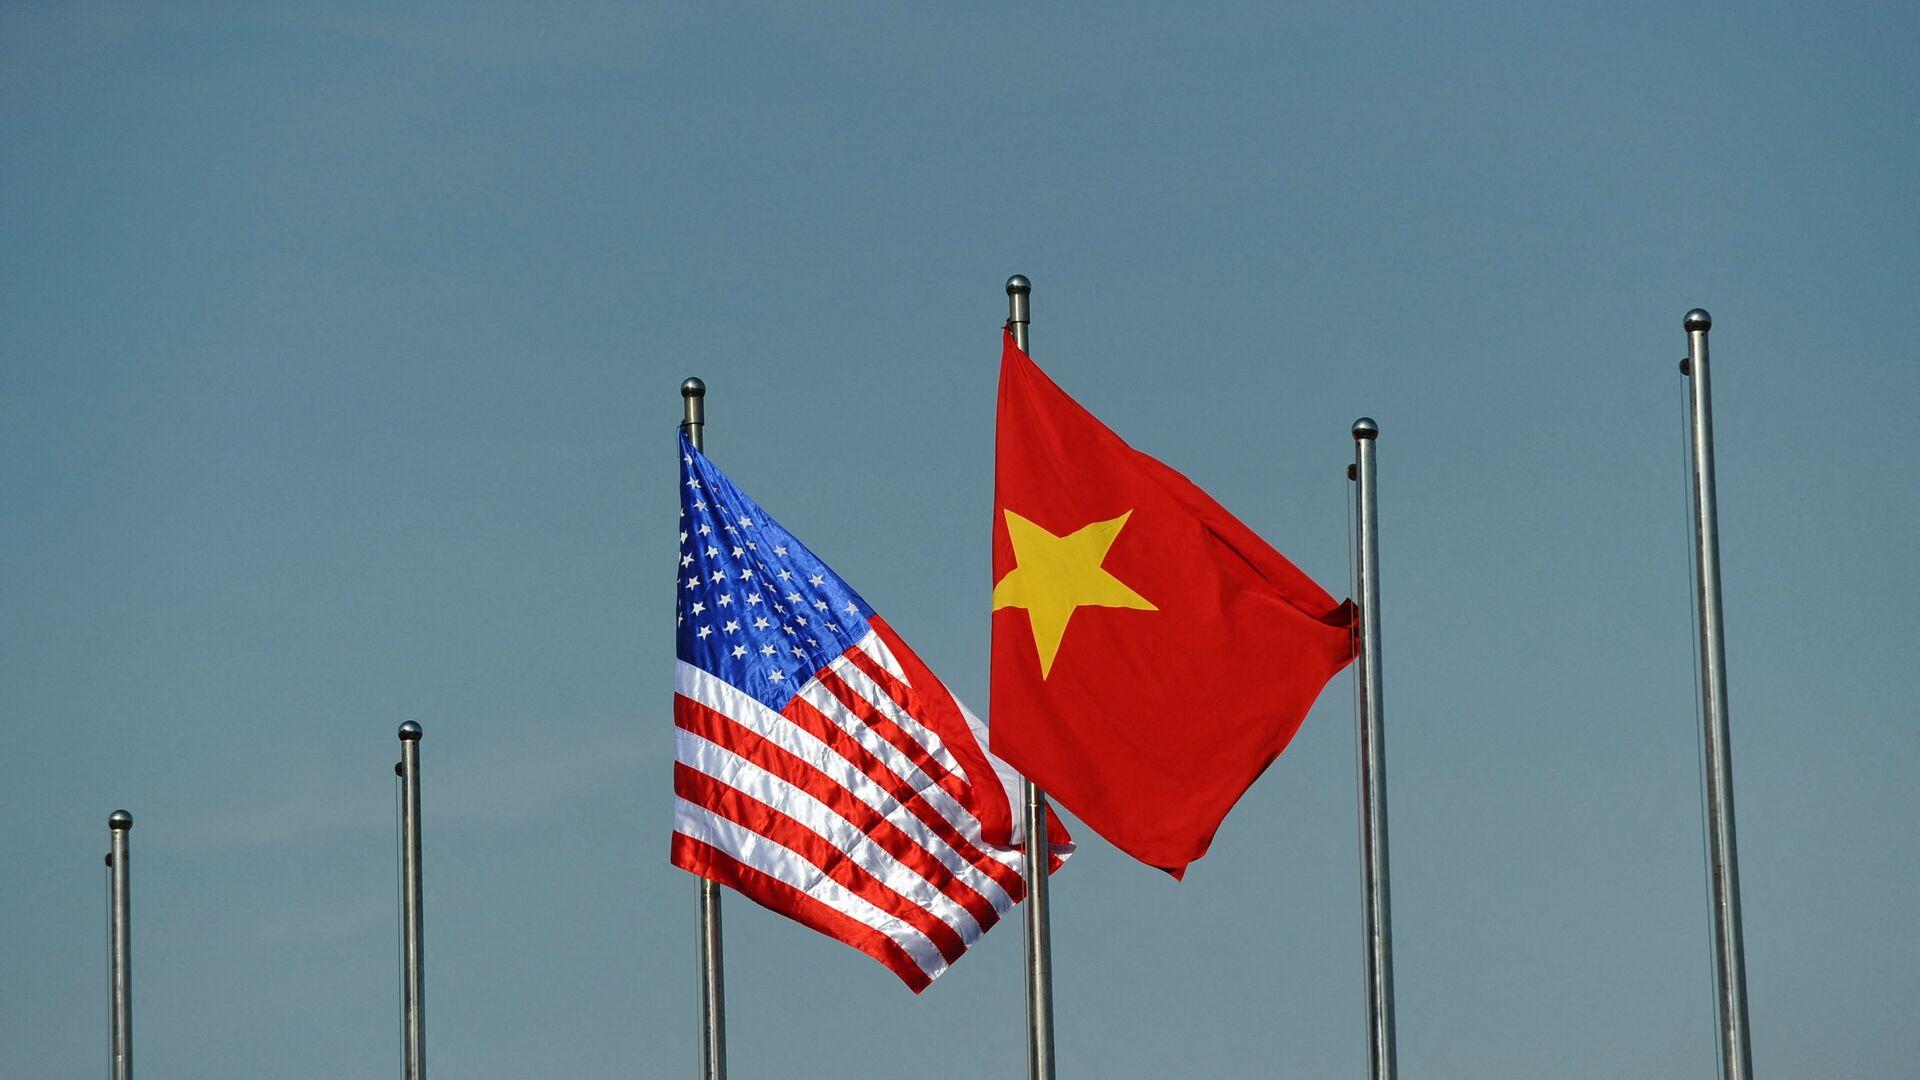 Quốc kỳ của Hoa Kỳ và Việt Nam. - Sputnik Việt Nam, 1920, 29.04.2021